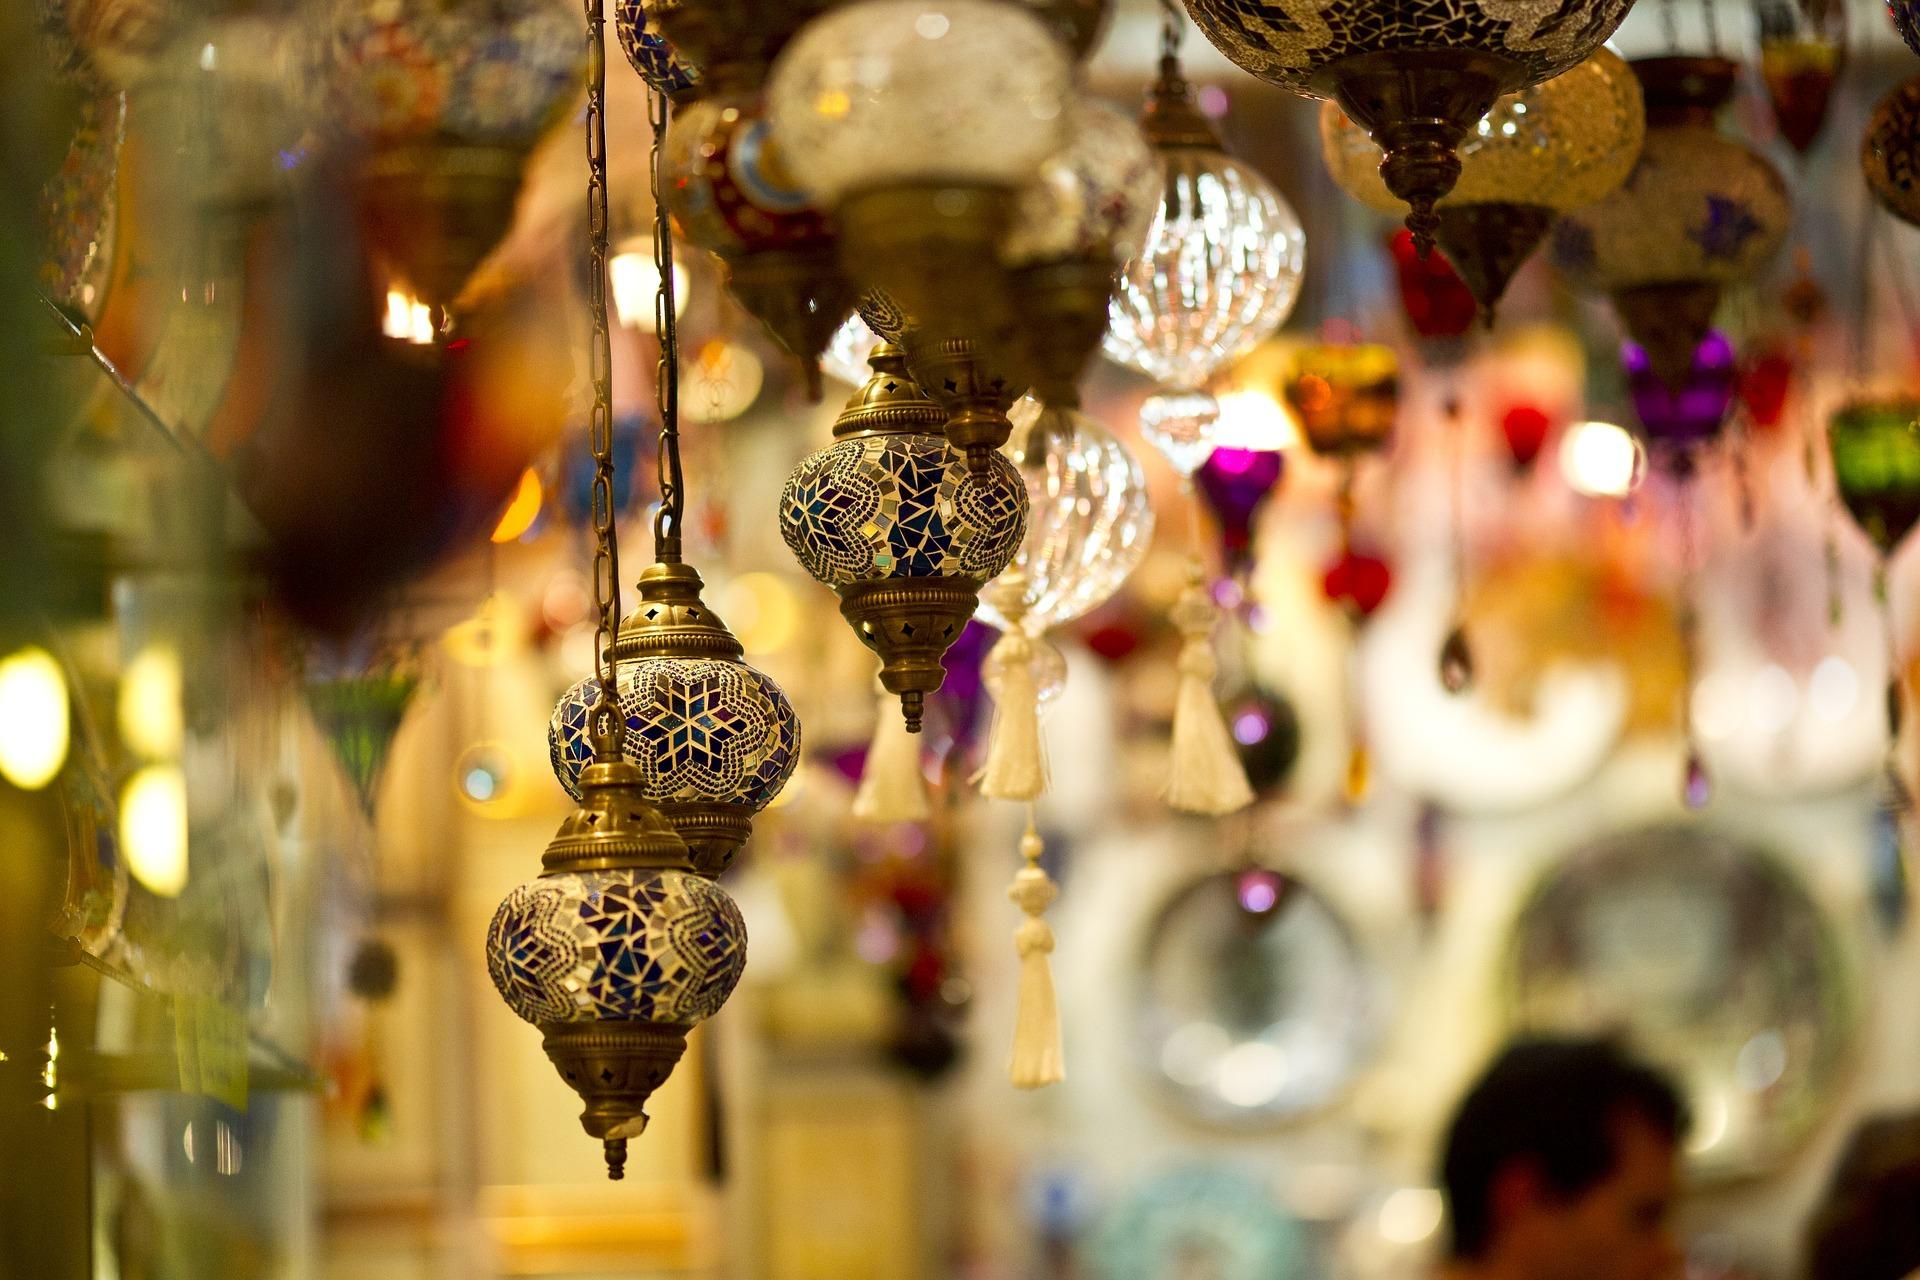 lamp-2381617_1920.jpg